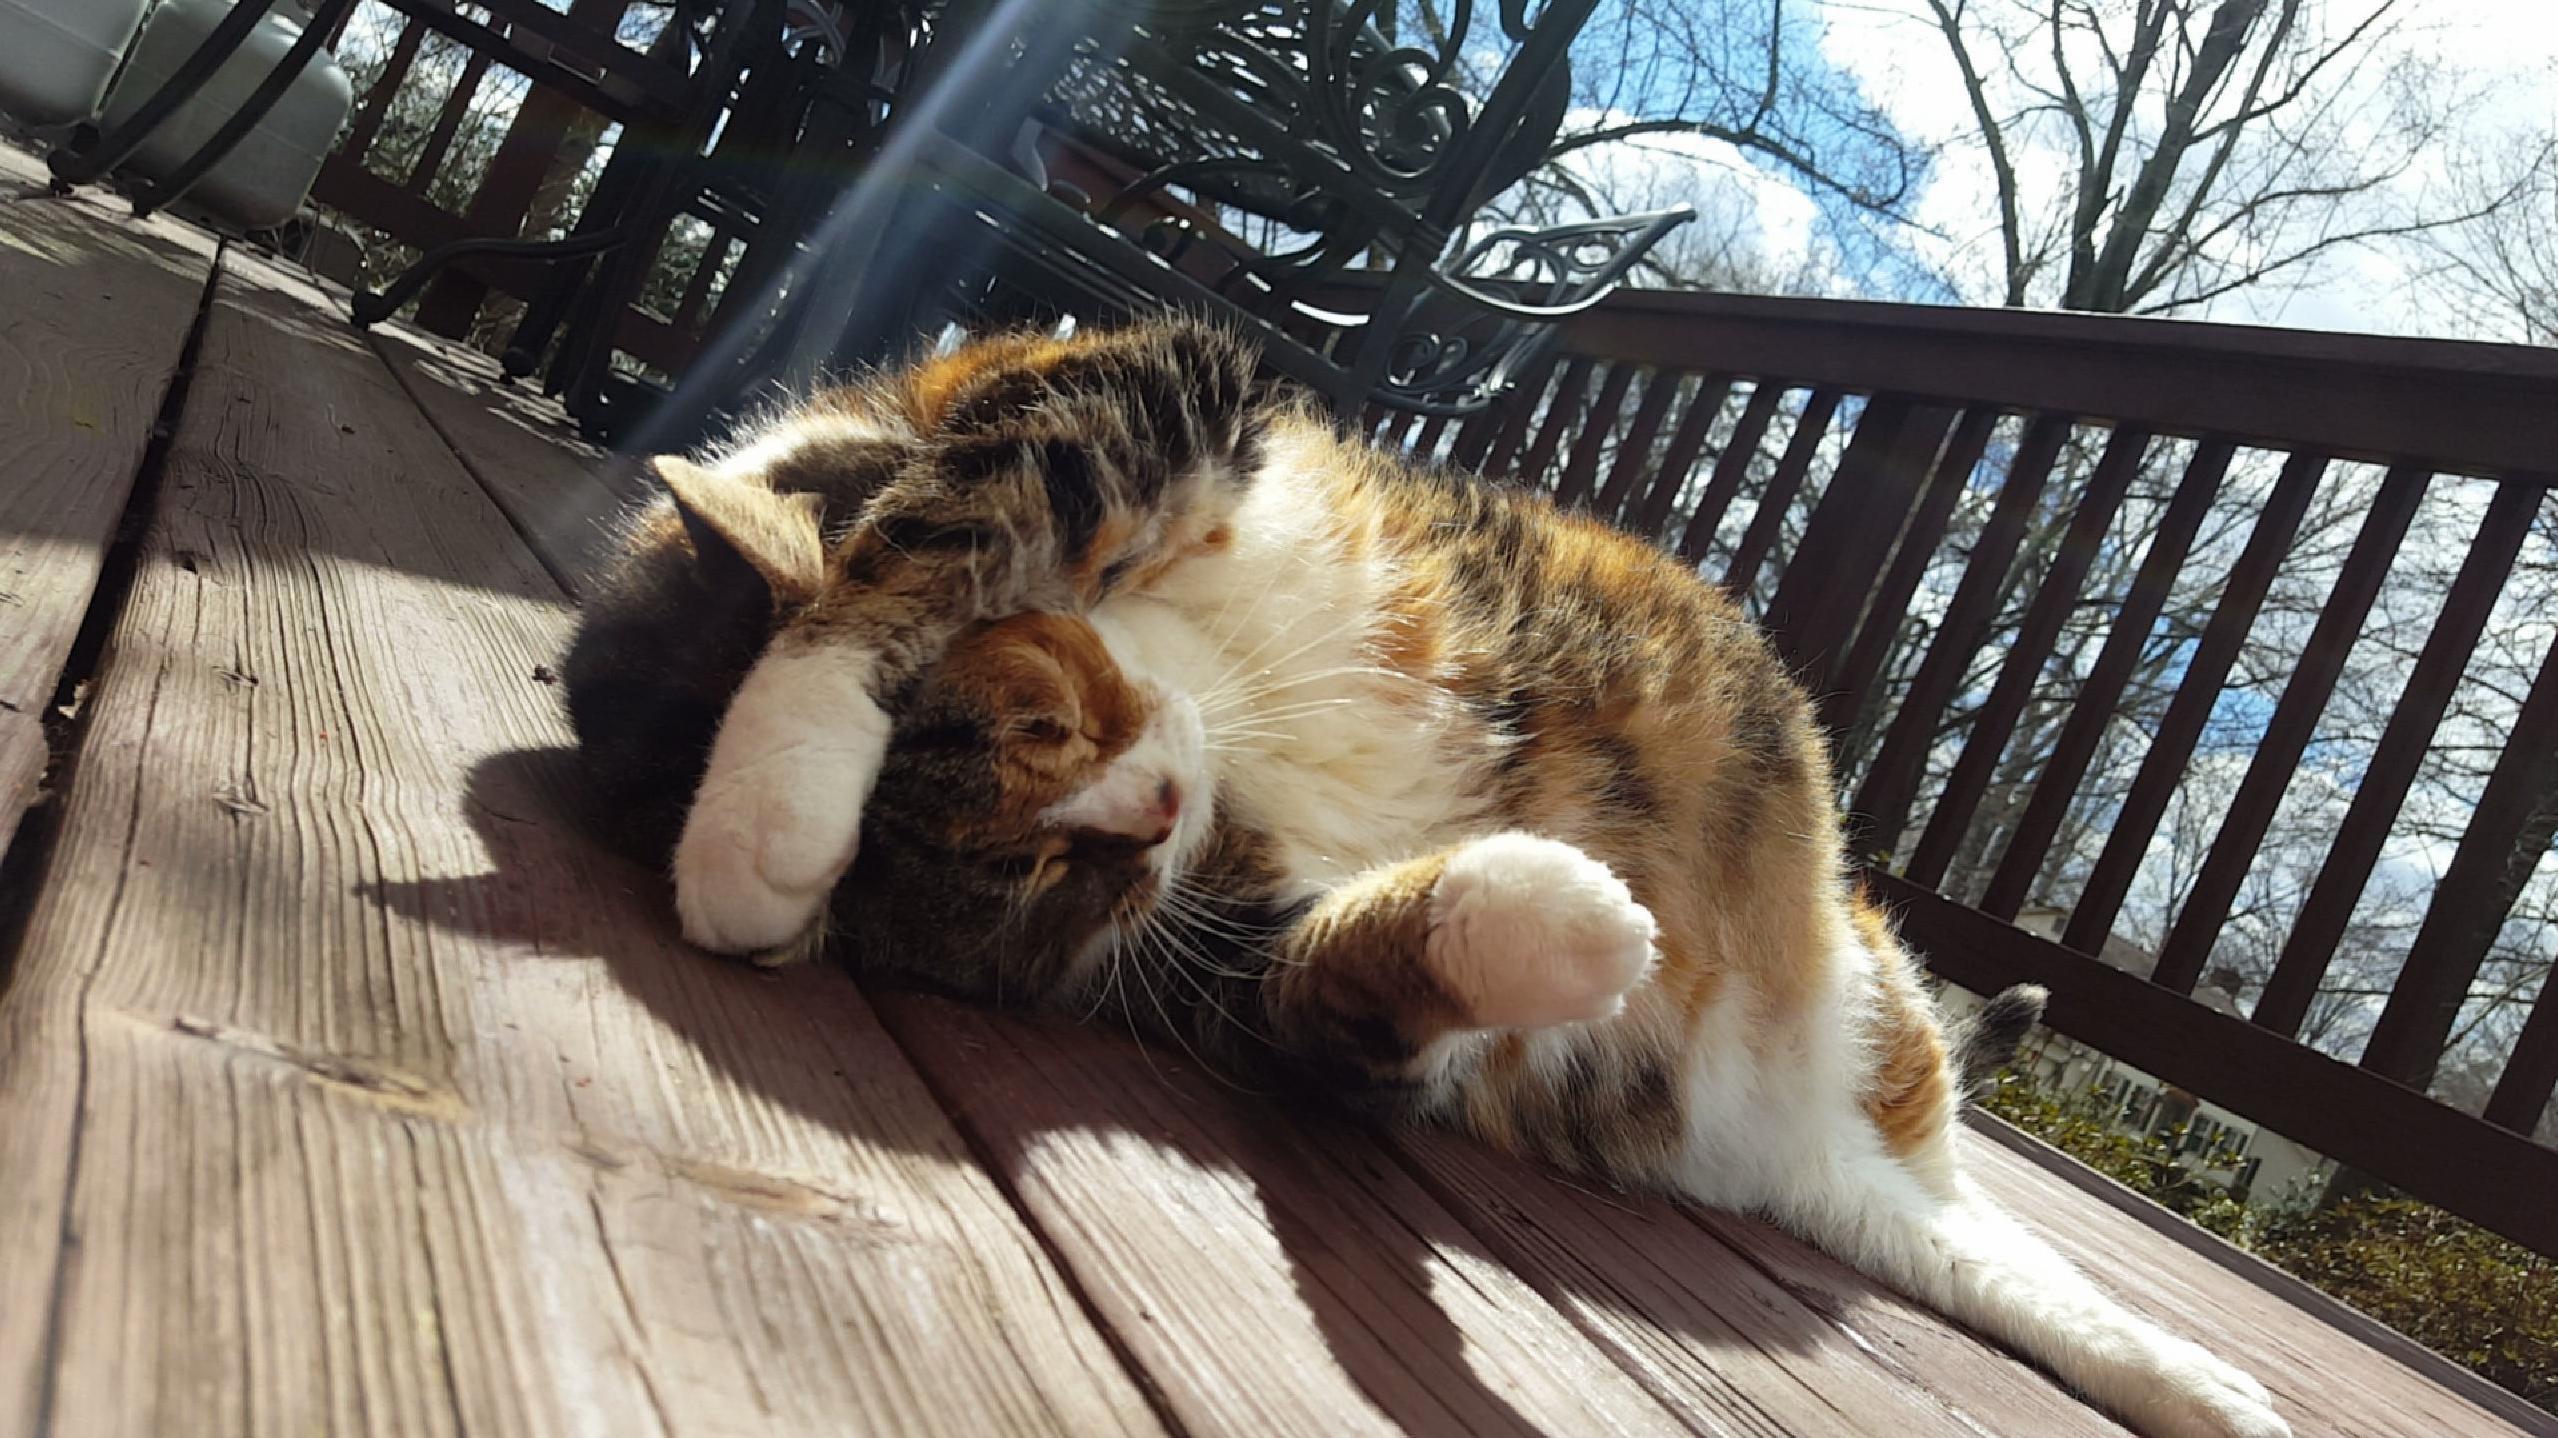 Basking in the sunlight